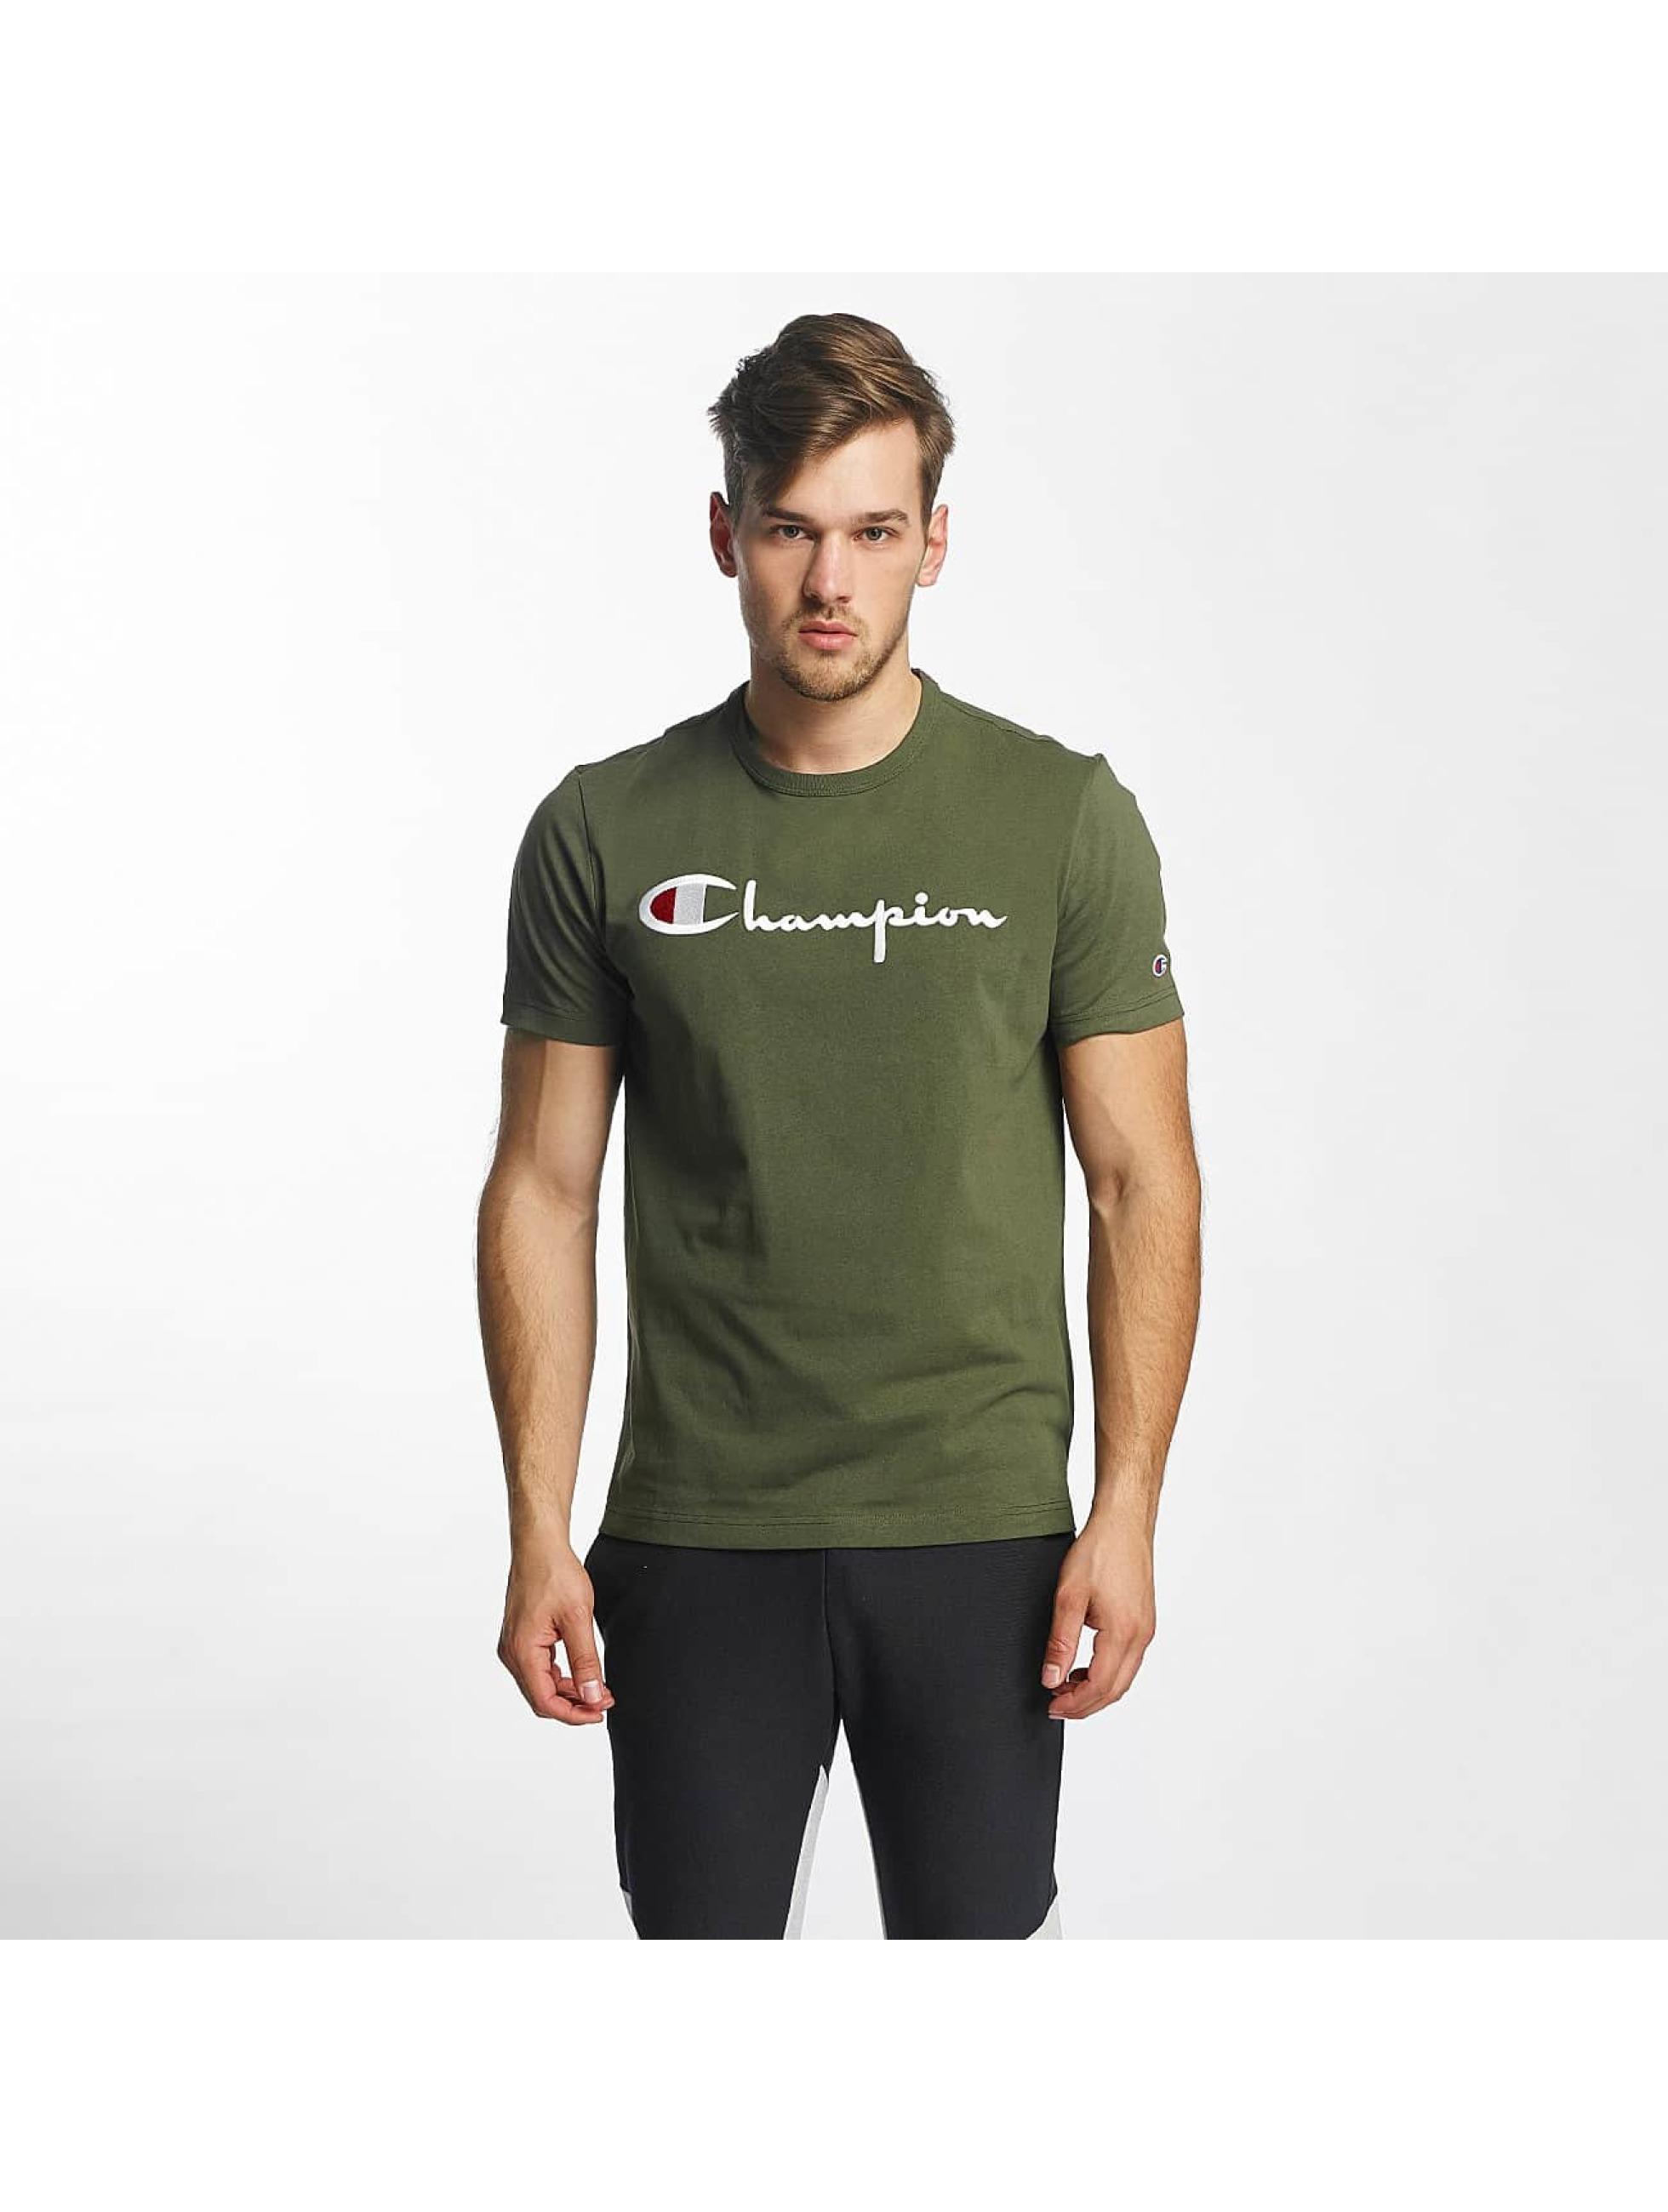 champion cotton graphic olive homme t shirt champion acheter pas cher haut 372729. Black Bedroom Furniture Sets. Home Design Ideas